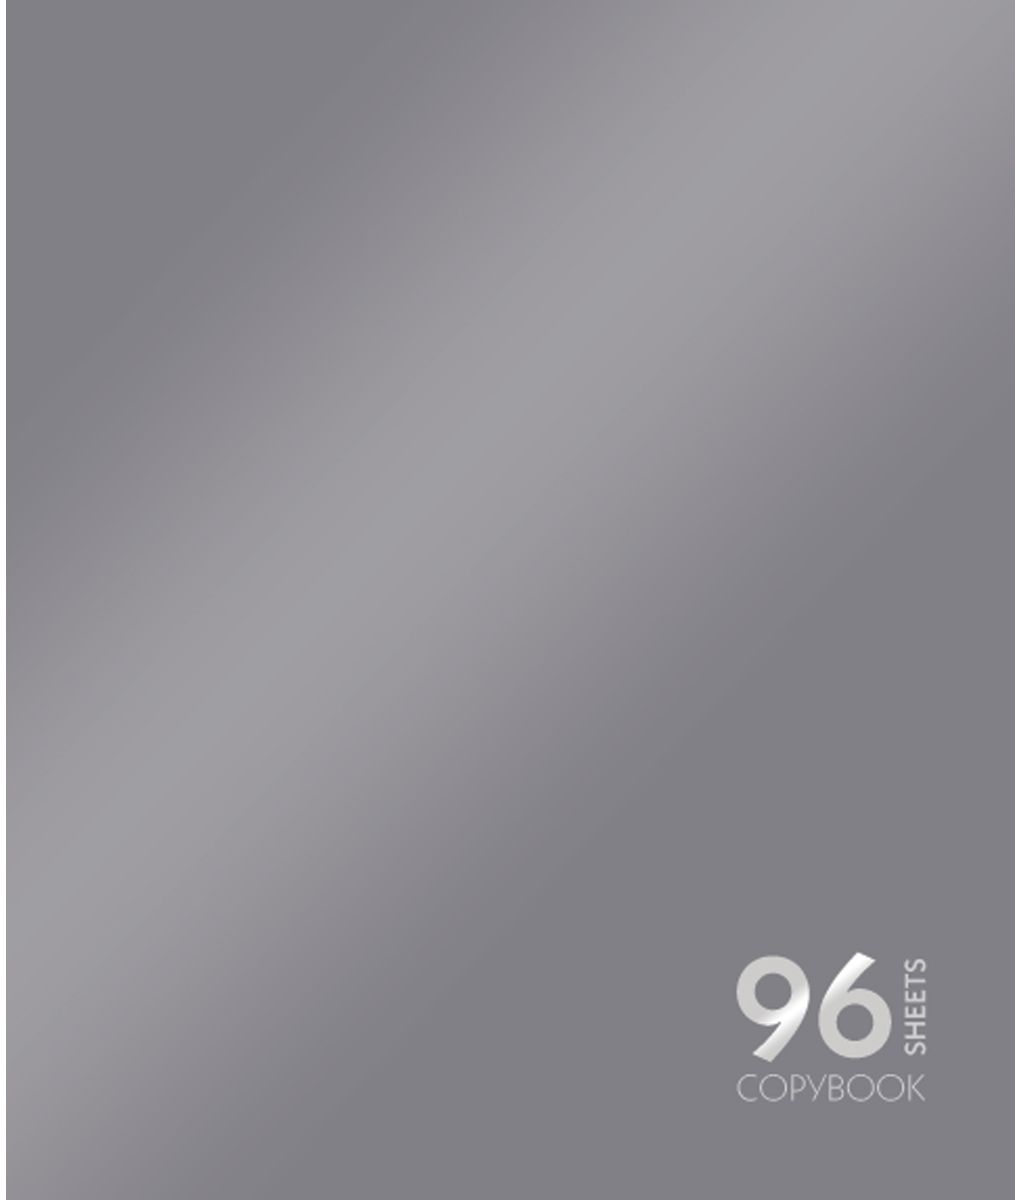 Канц-Эксмо Тетрадь Сияние цвета 96 листов в клетку цвет серебристый тетради канц эксмо темно красная а5 200листов тетради с пластиковой обложкой